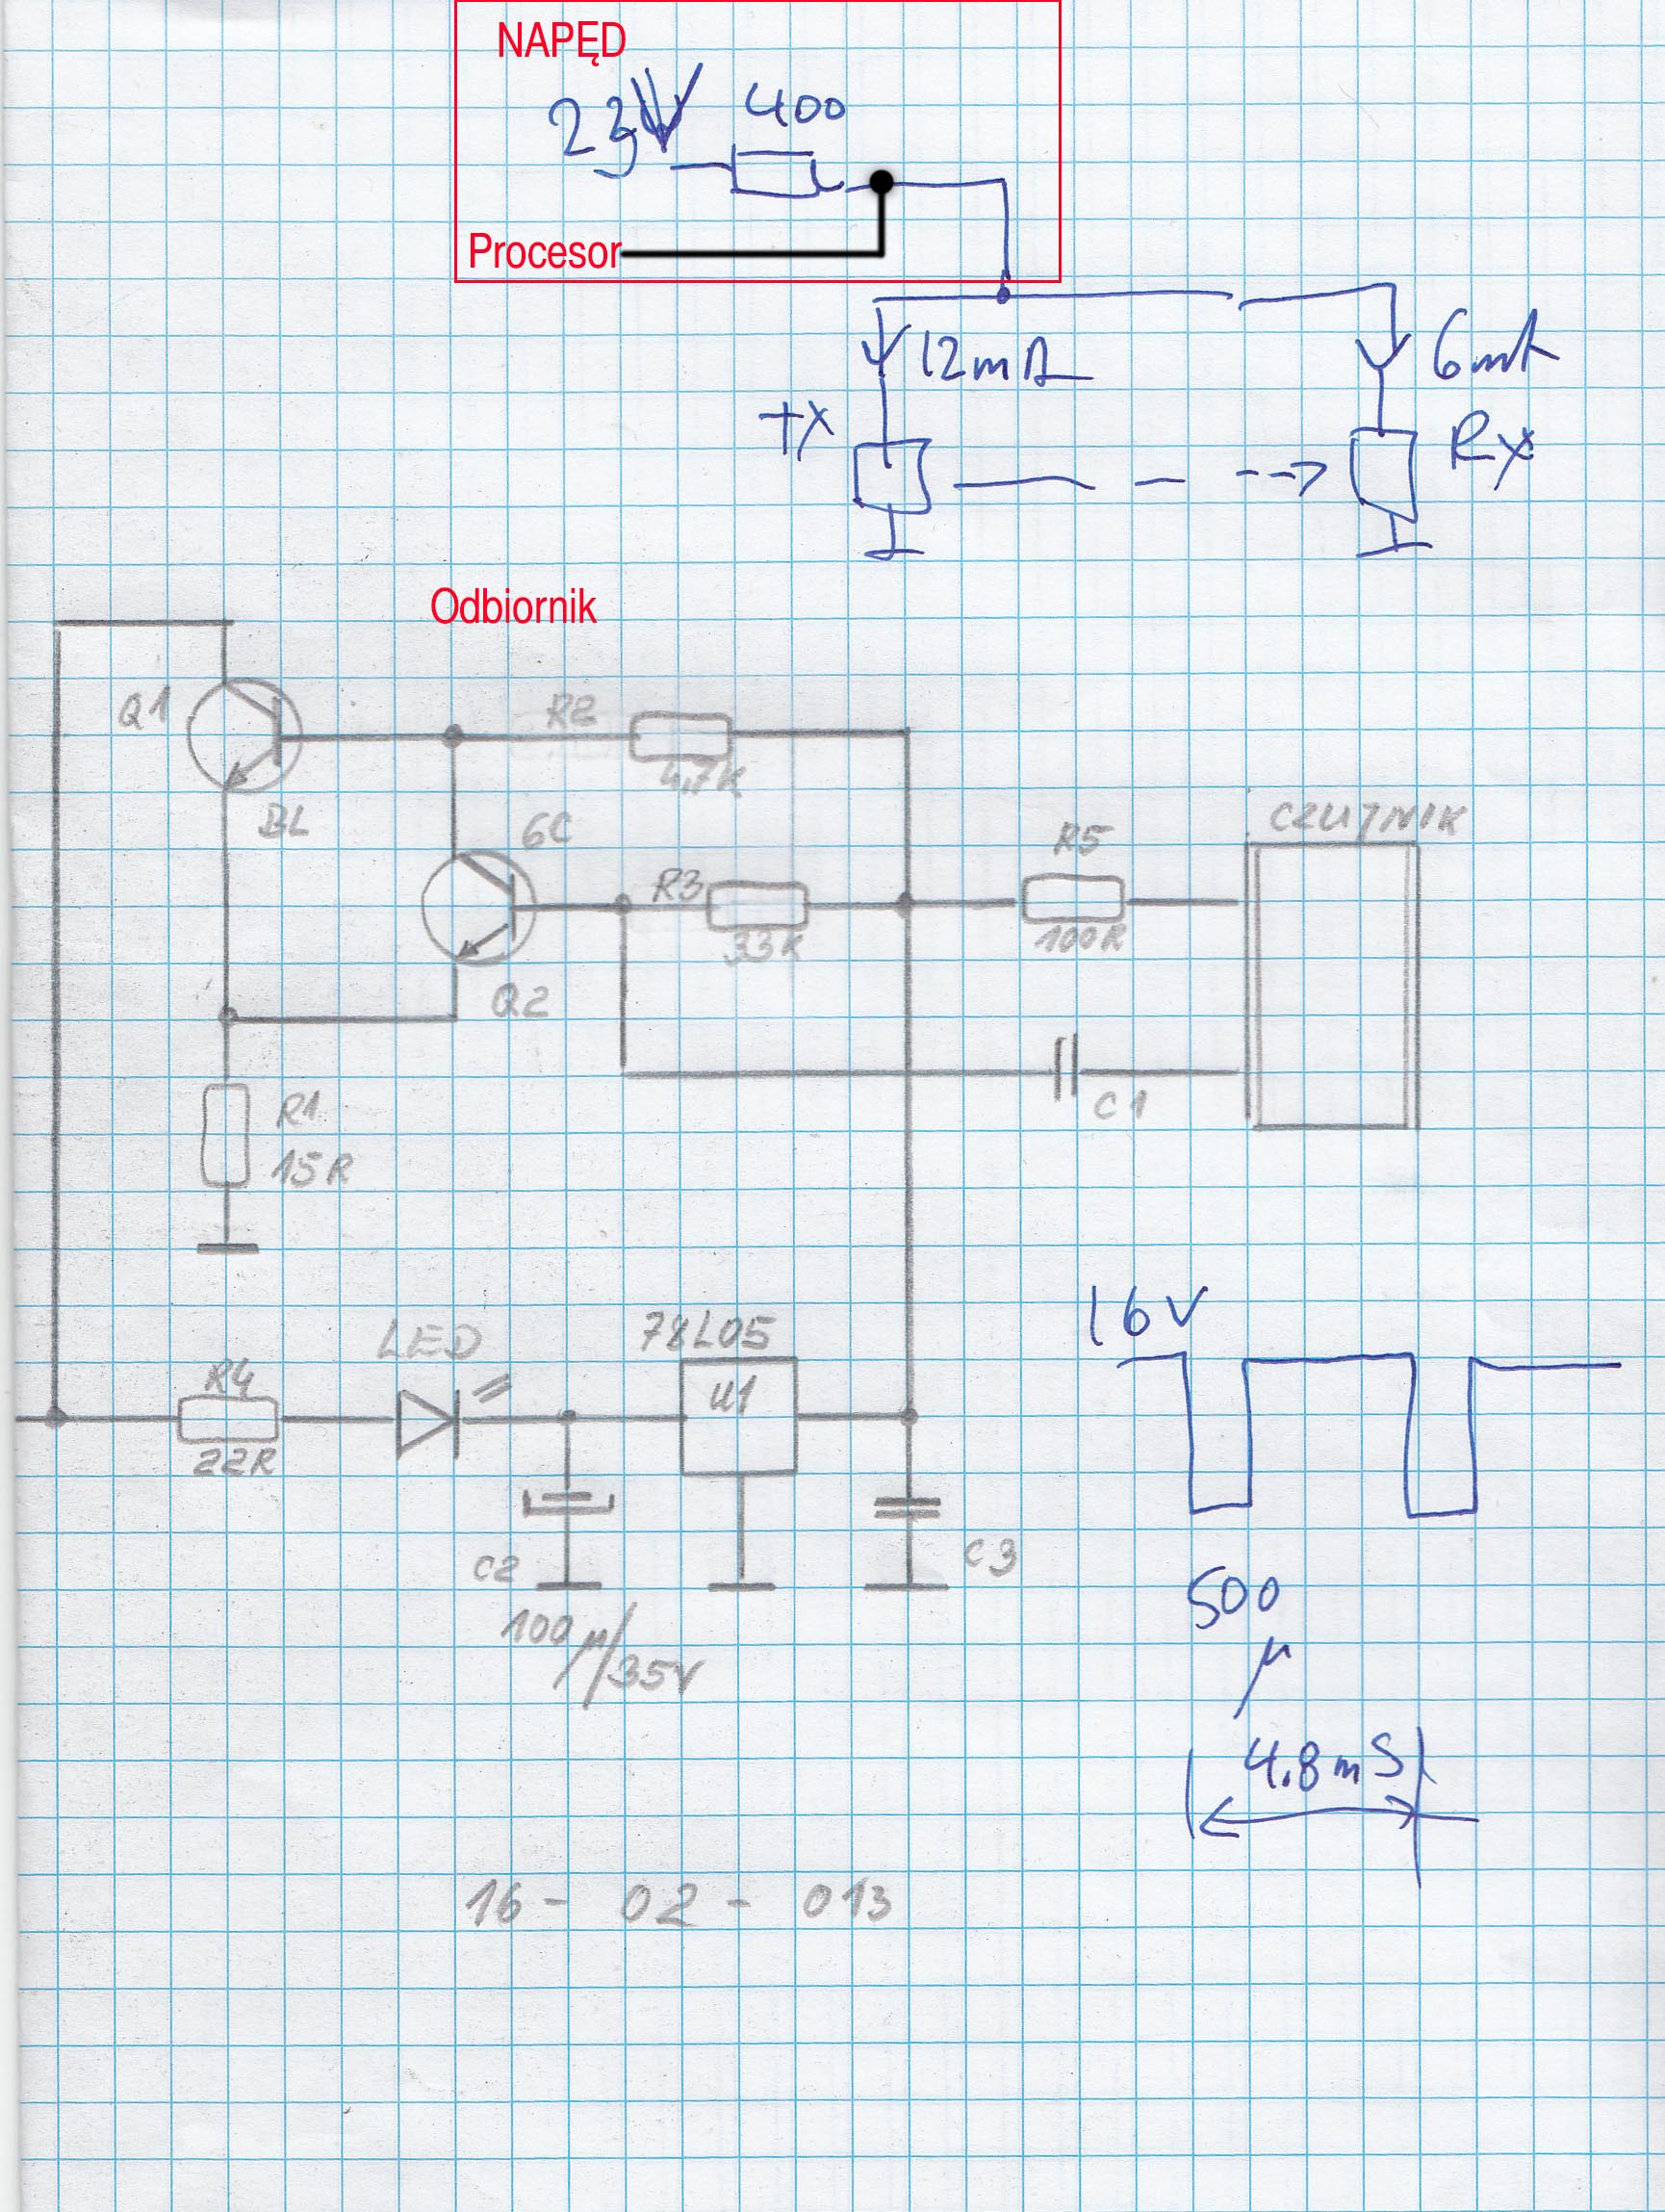 hormann supramatic h2 manual transmission. Black Bedroom Furniture Sets. Home Design Ideas